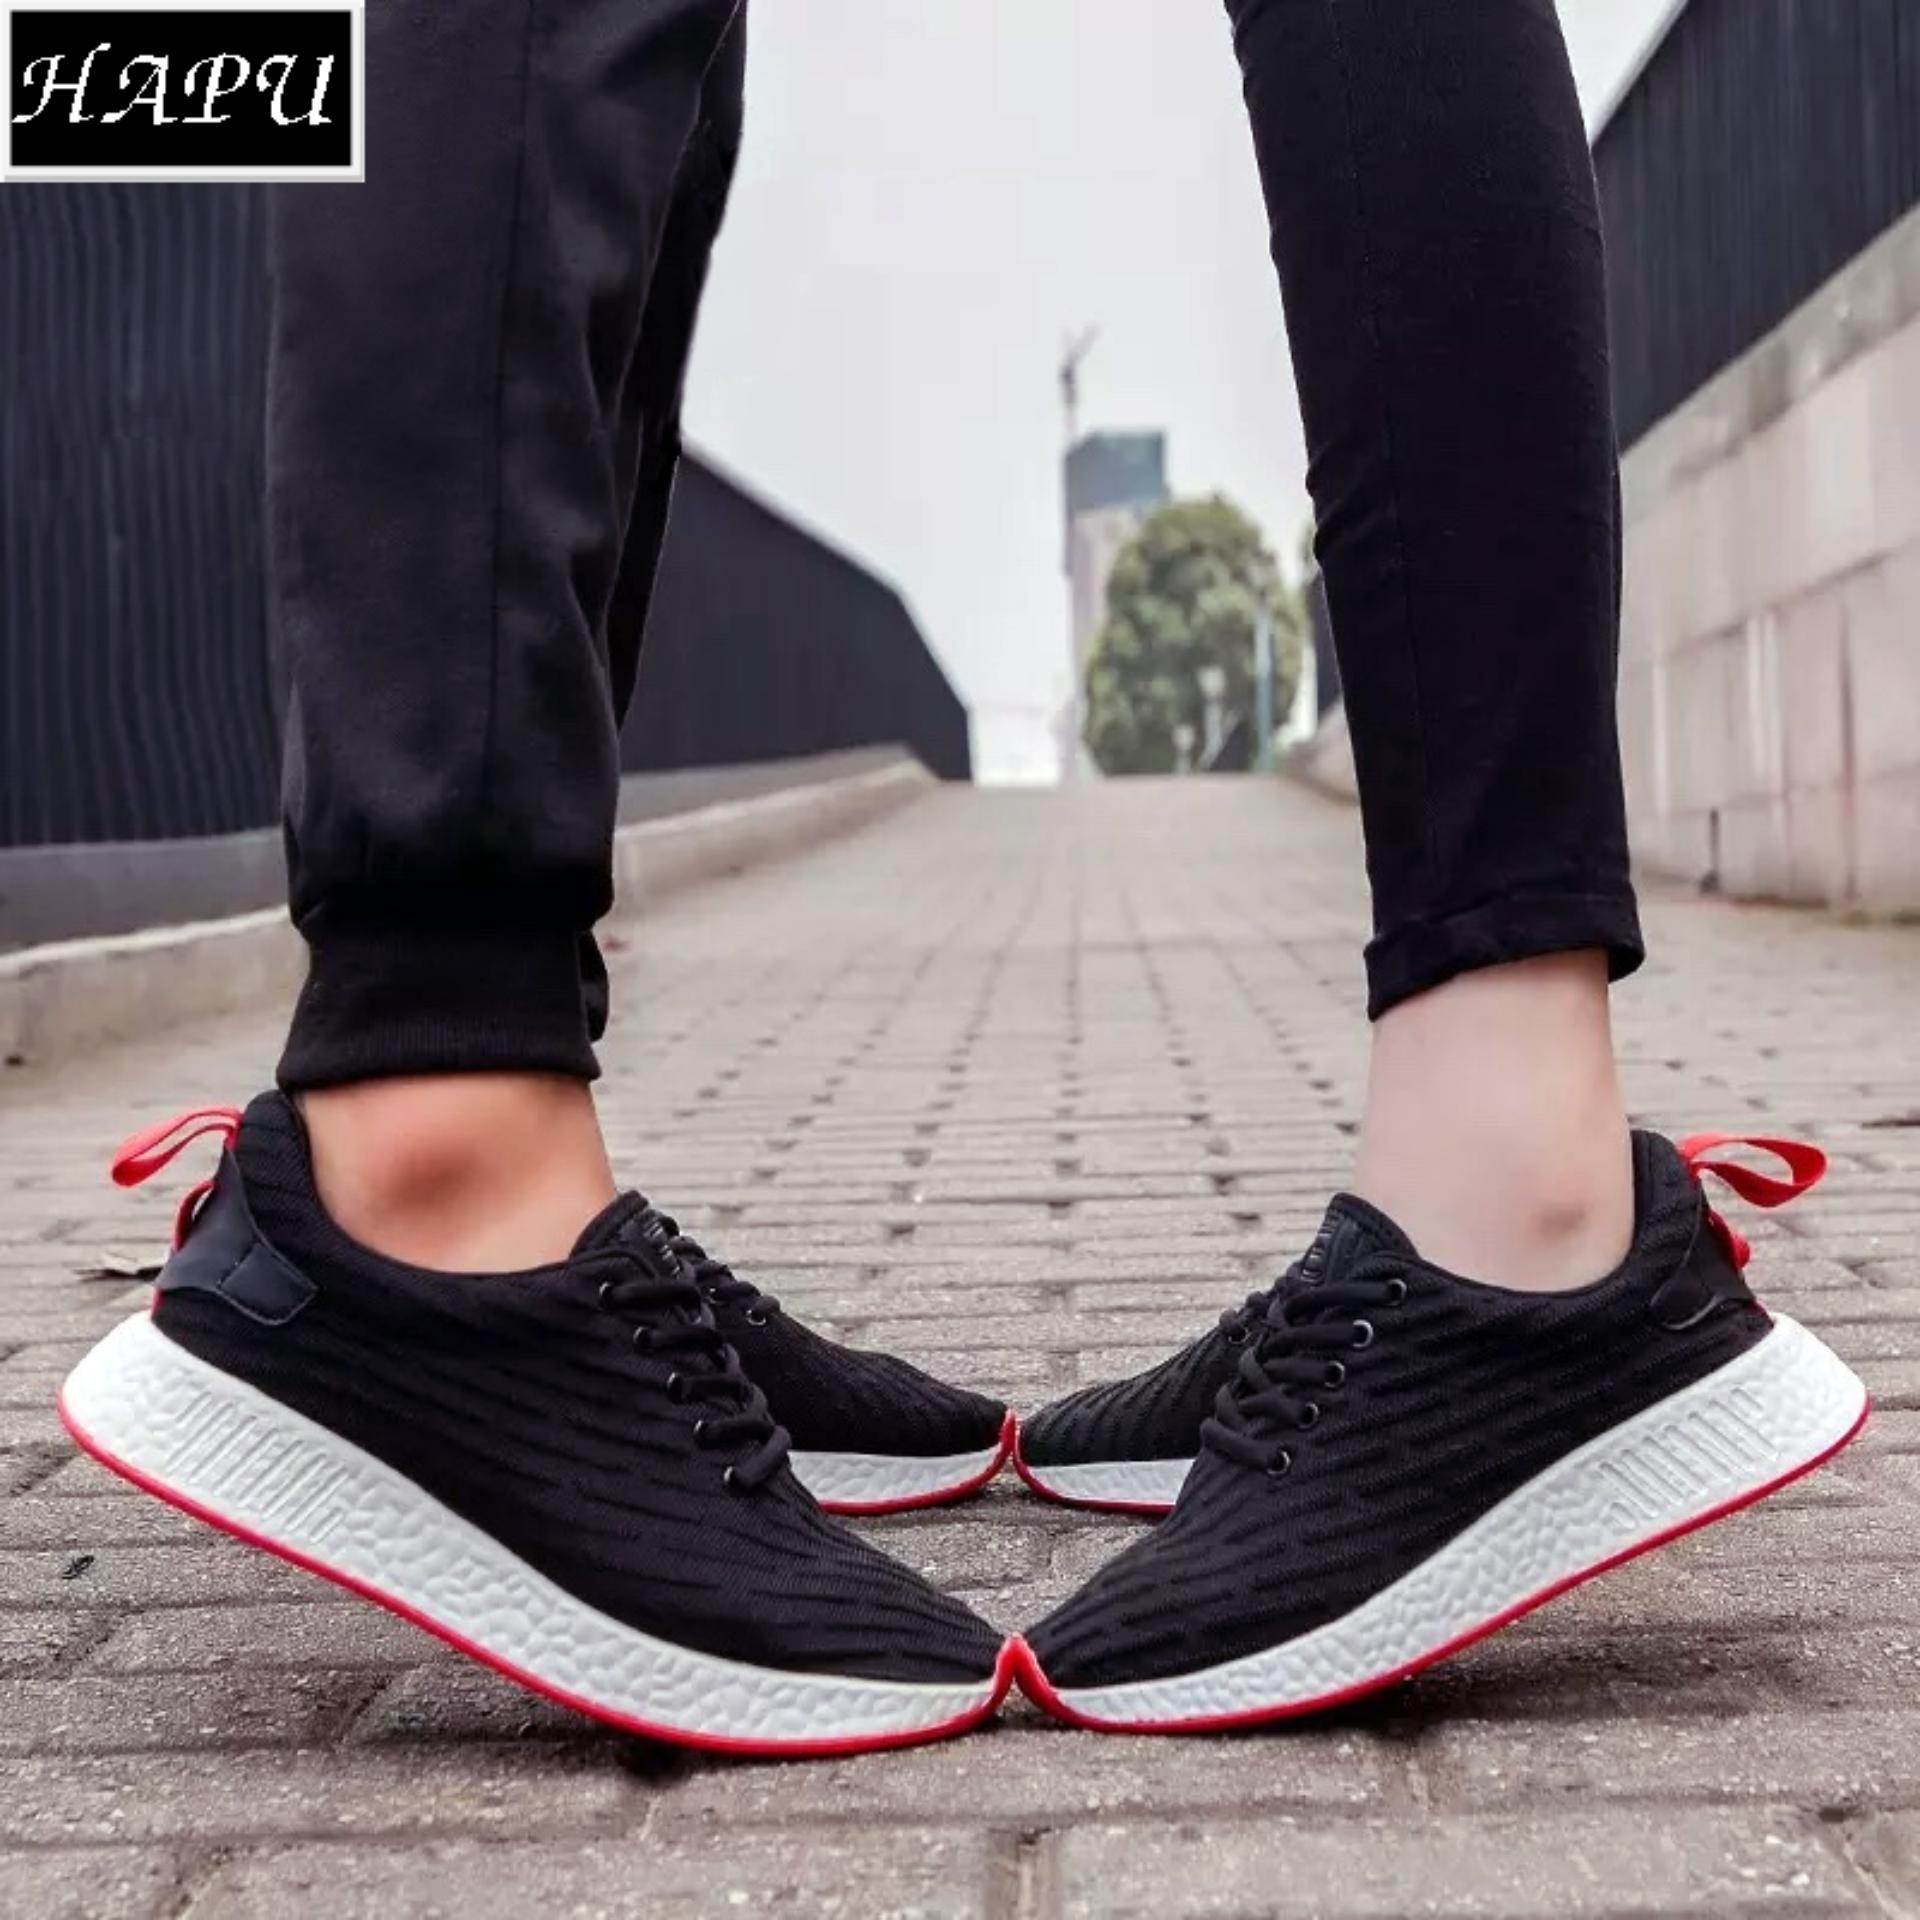 Giá Bán Giay Sneaker Cặp Đoi Thời Trang Nam Nữ Newnmd1 Hapu Đen Vạch Đỏ Hapu